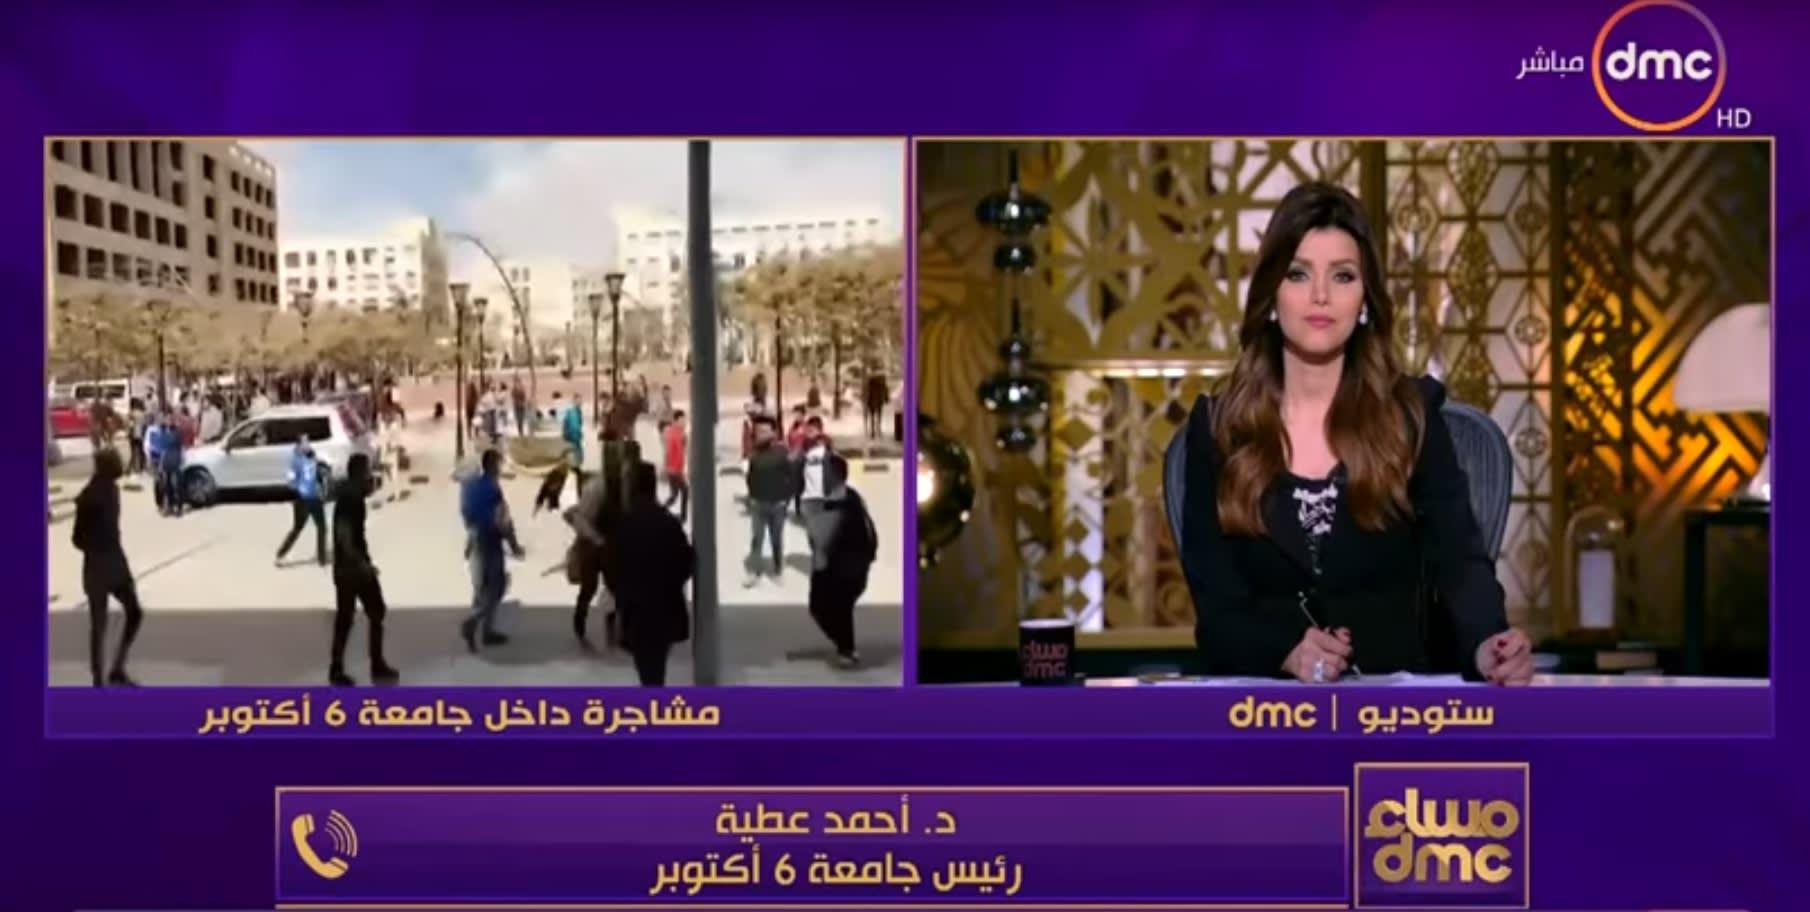 شاهد.. رئيس جامعة 6 أكتوبر ينتقد المذيعة إيمان الحصري على الهواء لإيقاظه من النوم